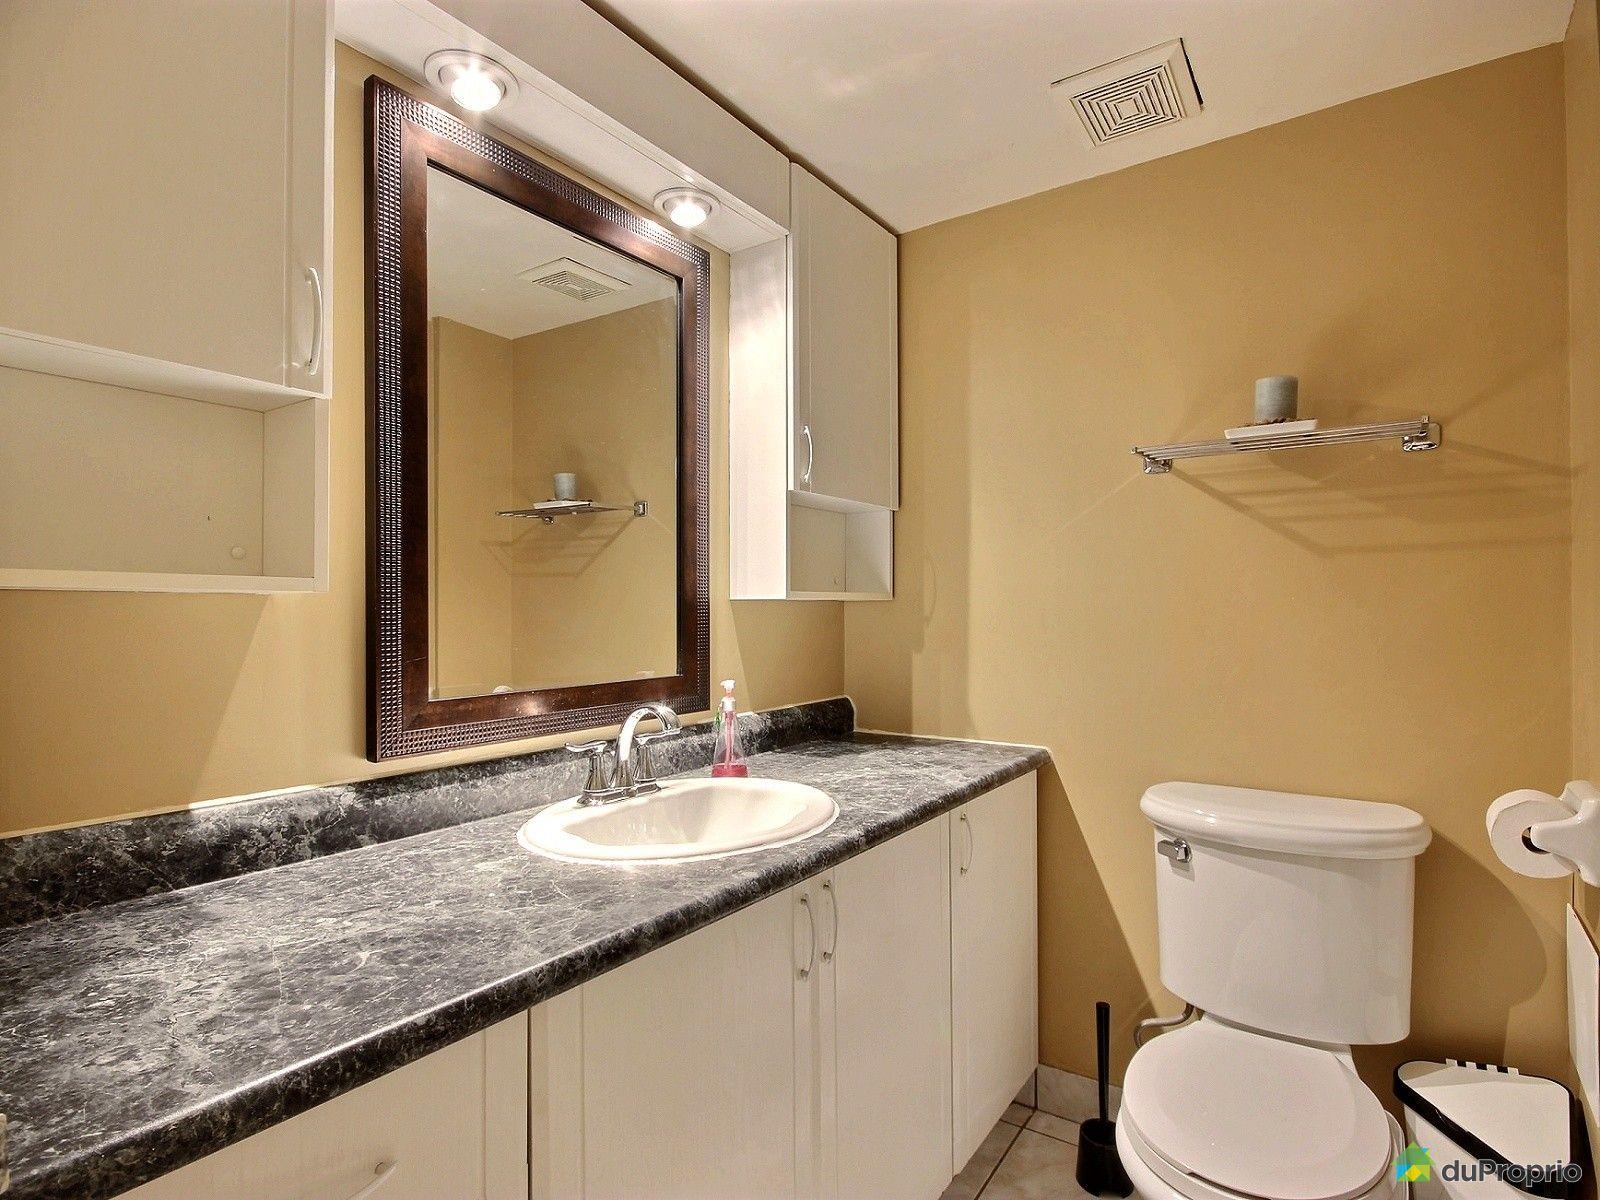 dà co renovation salle de bain ville de quebec caen